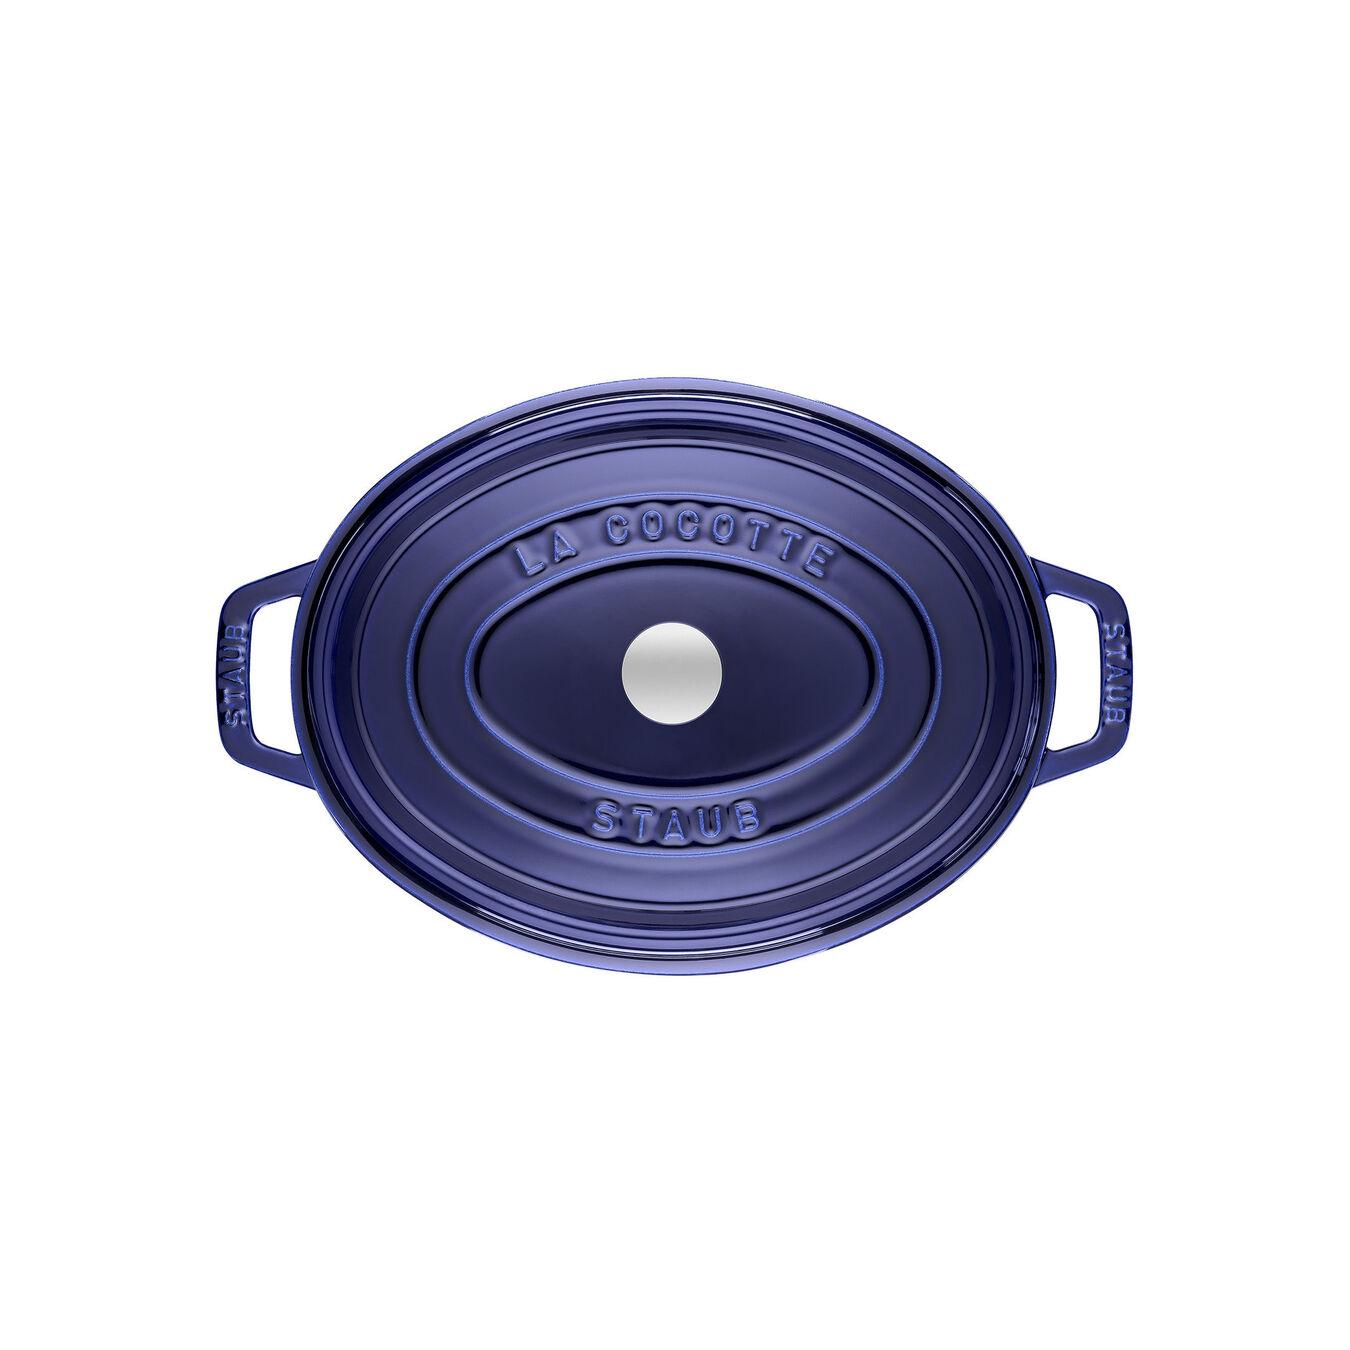 Cocotte 29 cm, Ovale, Bleu intense, Fonte,,large 2